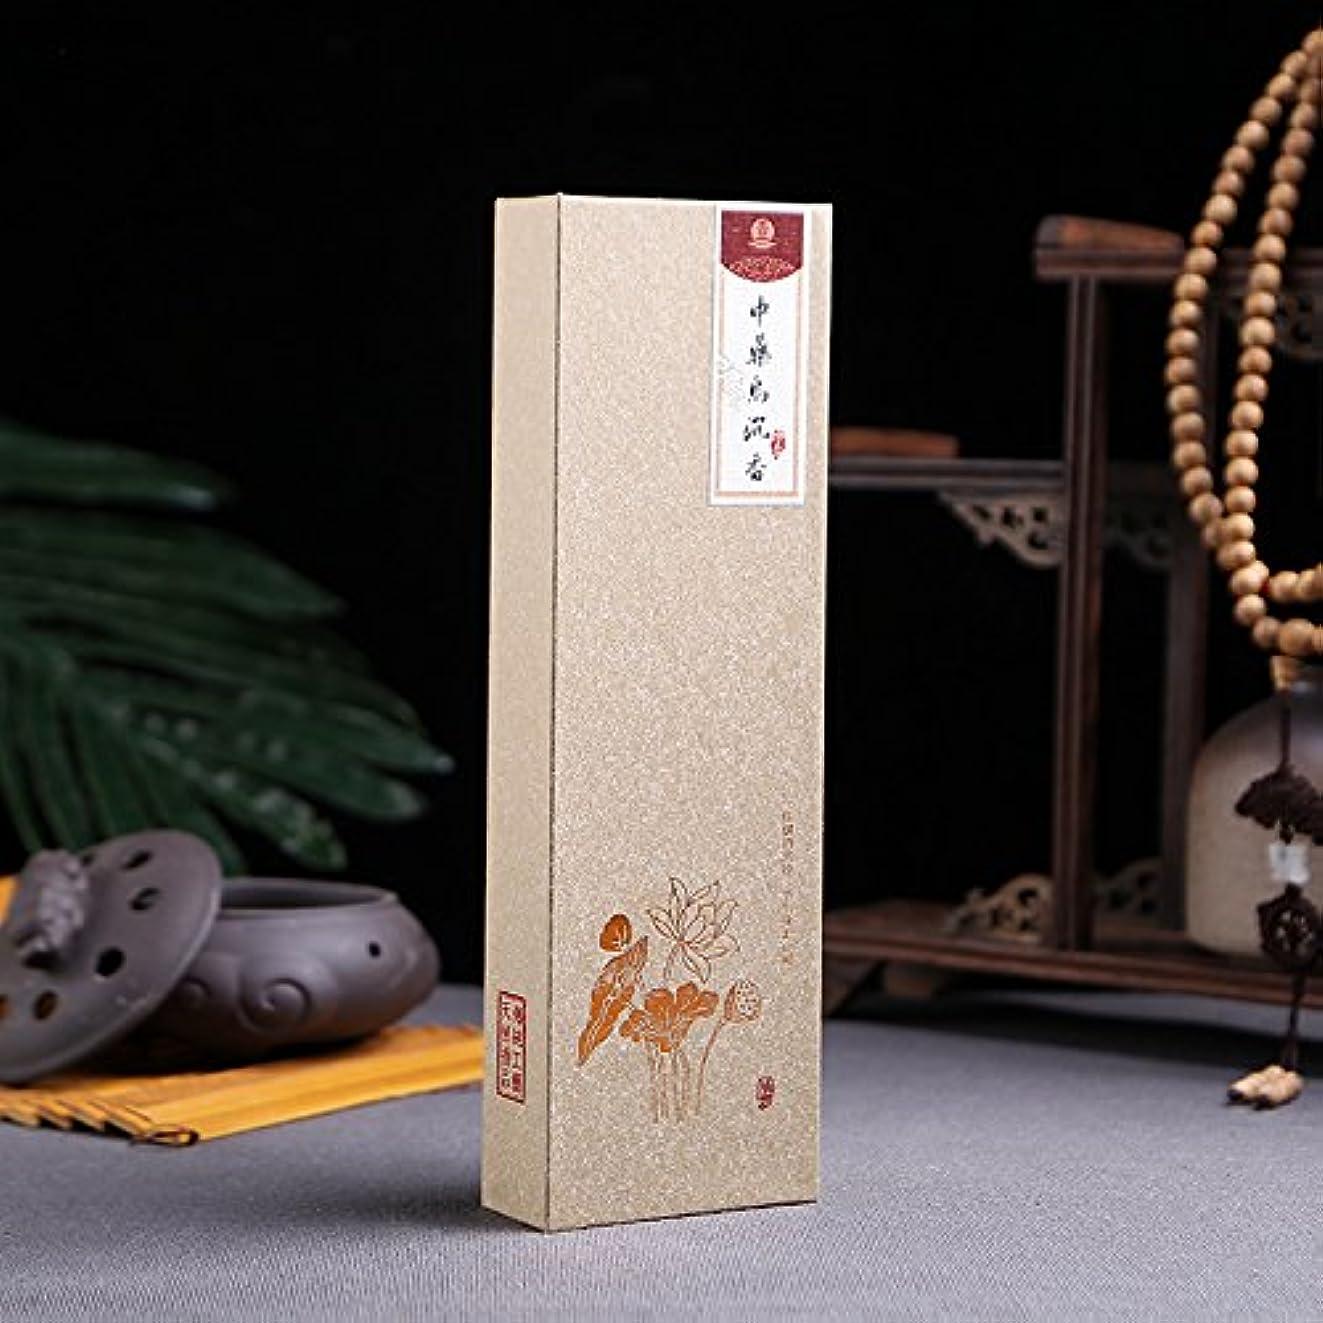 ジャンクション限りなく麻痺Diatems - Rongmu Shenlanxiang香卸売100歳の山よもぎ箱入り香のギフトボックス白檀[4]